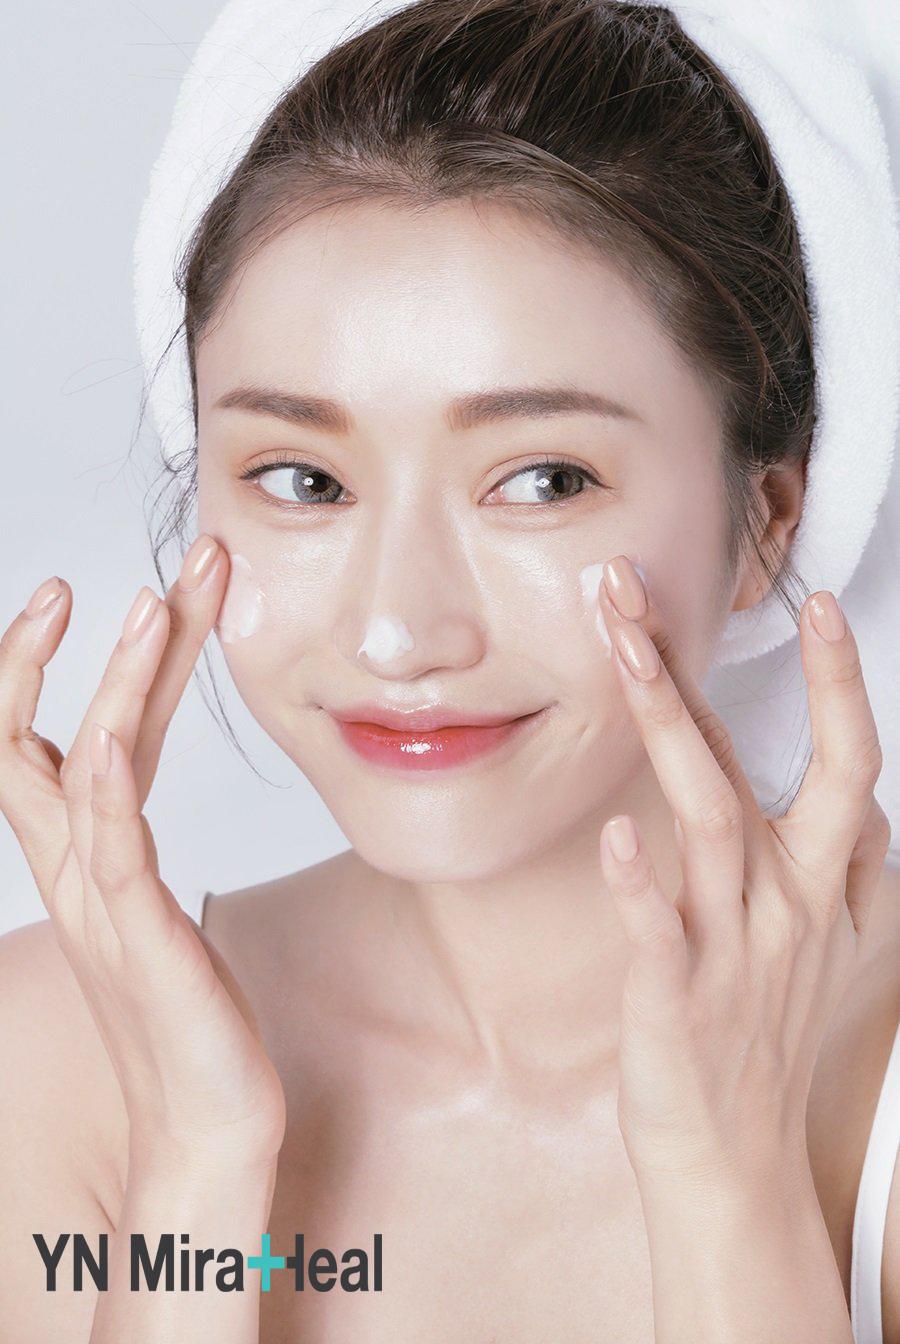 Ngay sau khi rửa mặt, làn da cần được bù ẩm ngay lập tức